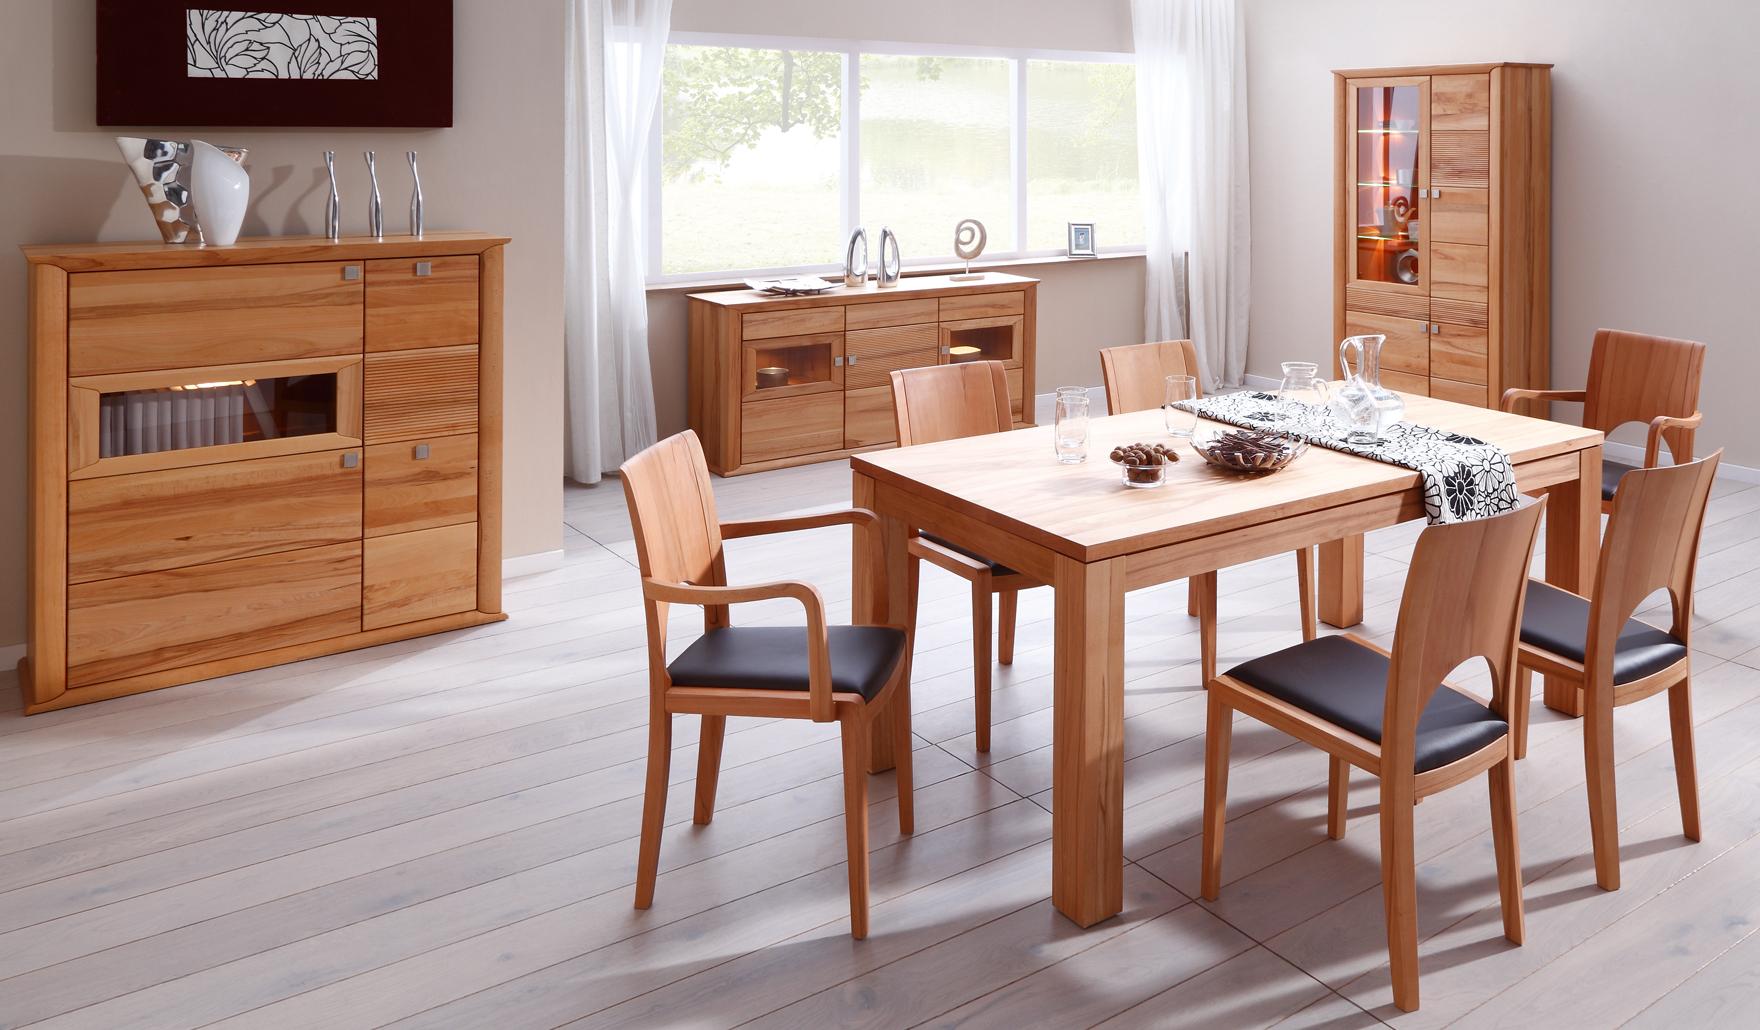 Wohnwert Möbel startseite die klose kollektion